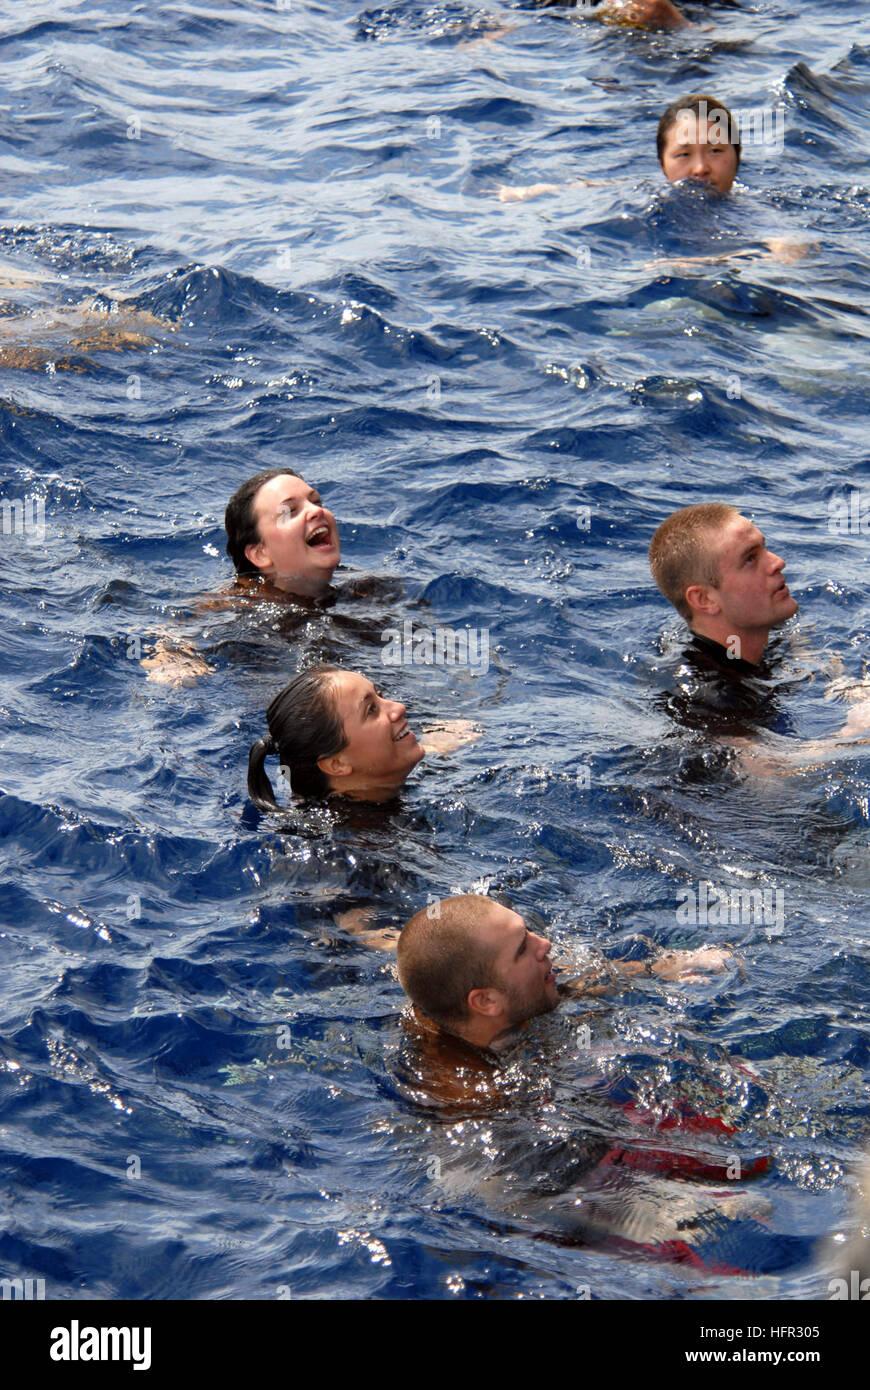 213bf6a0a6a Swim Ex Stock Photos   Swim Ex Stock Images - Alamy